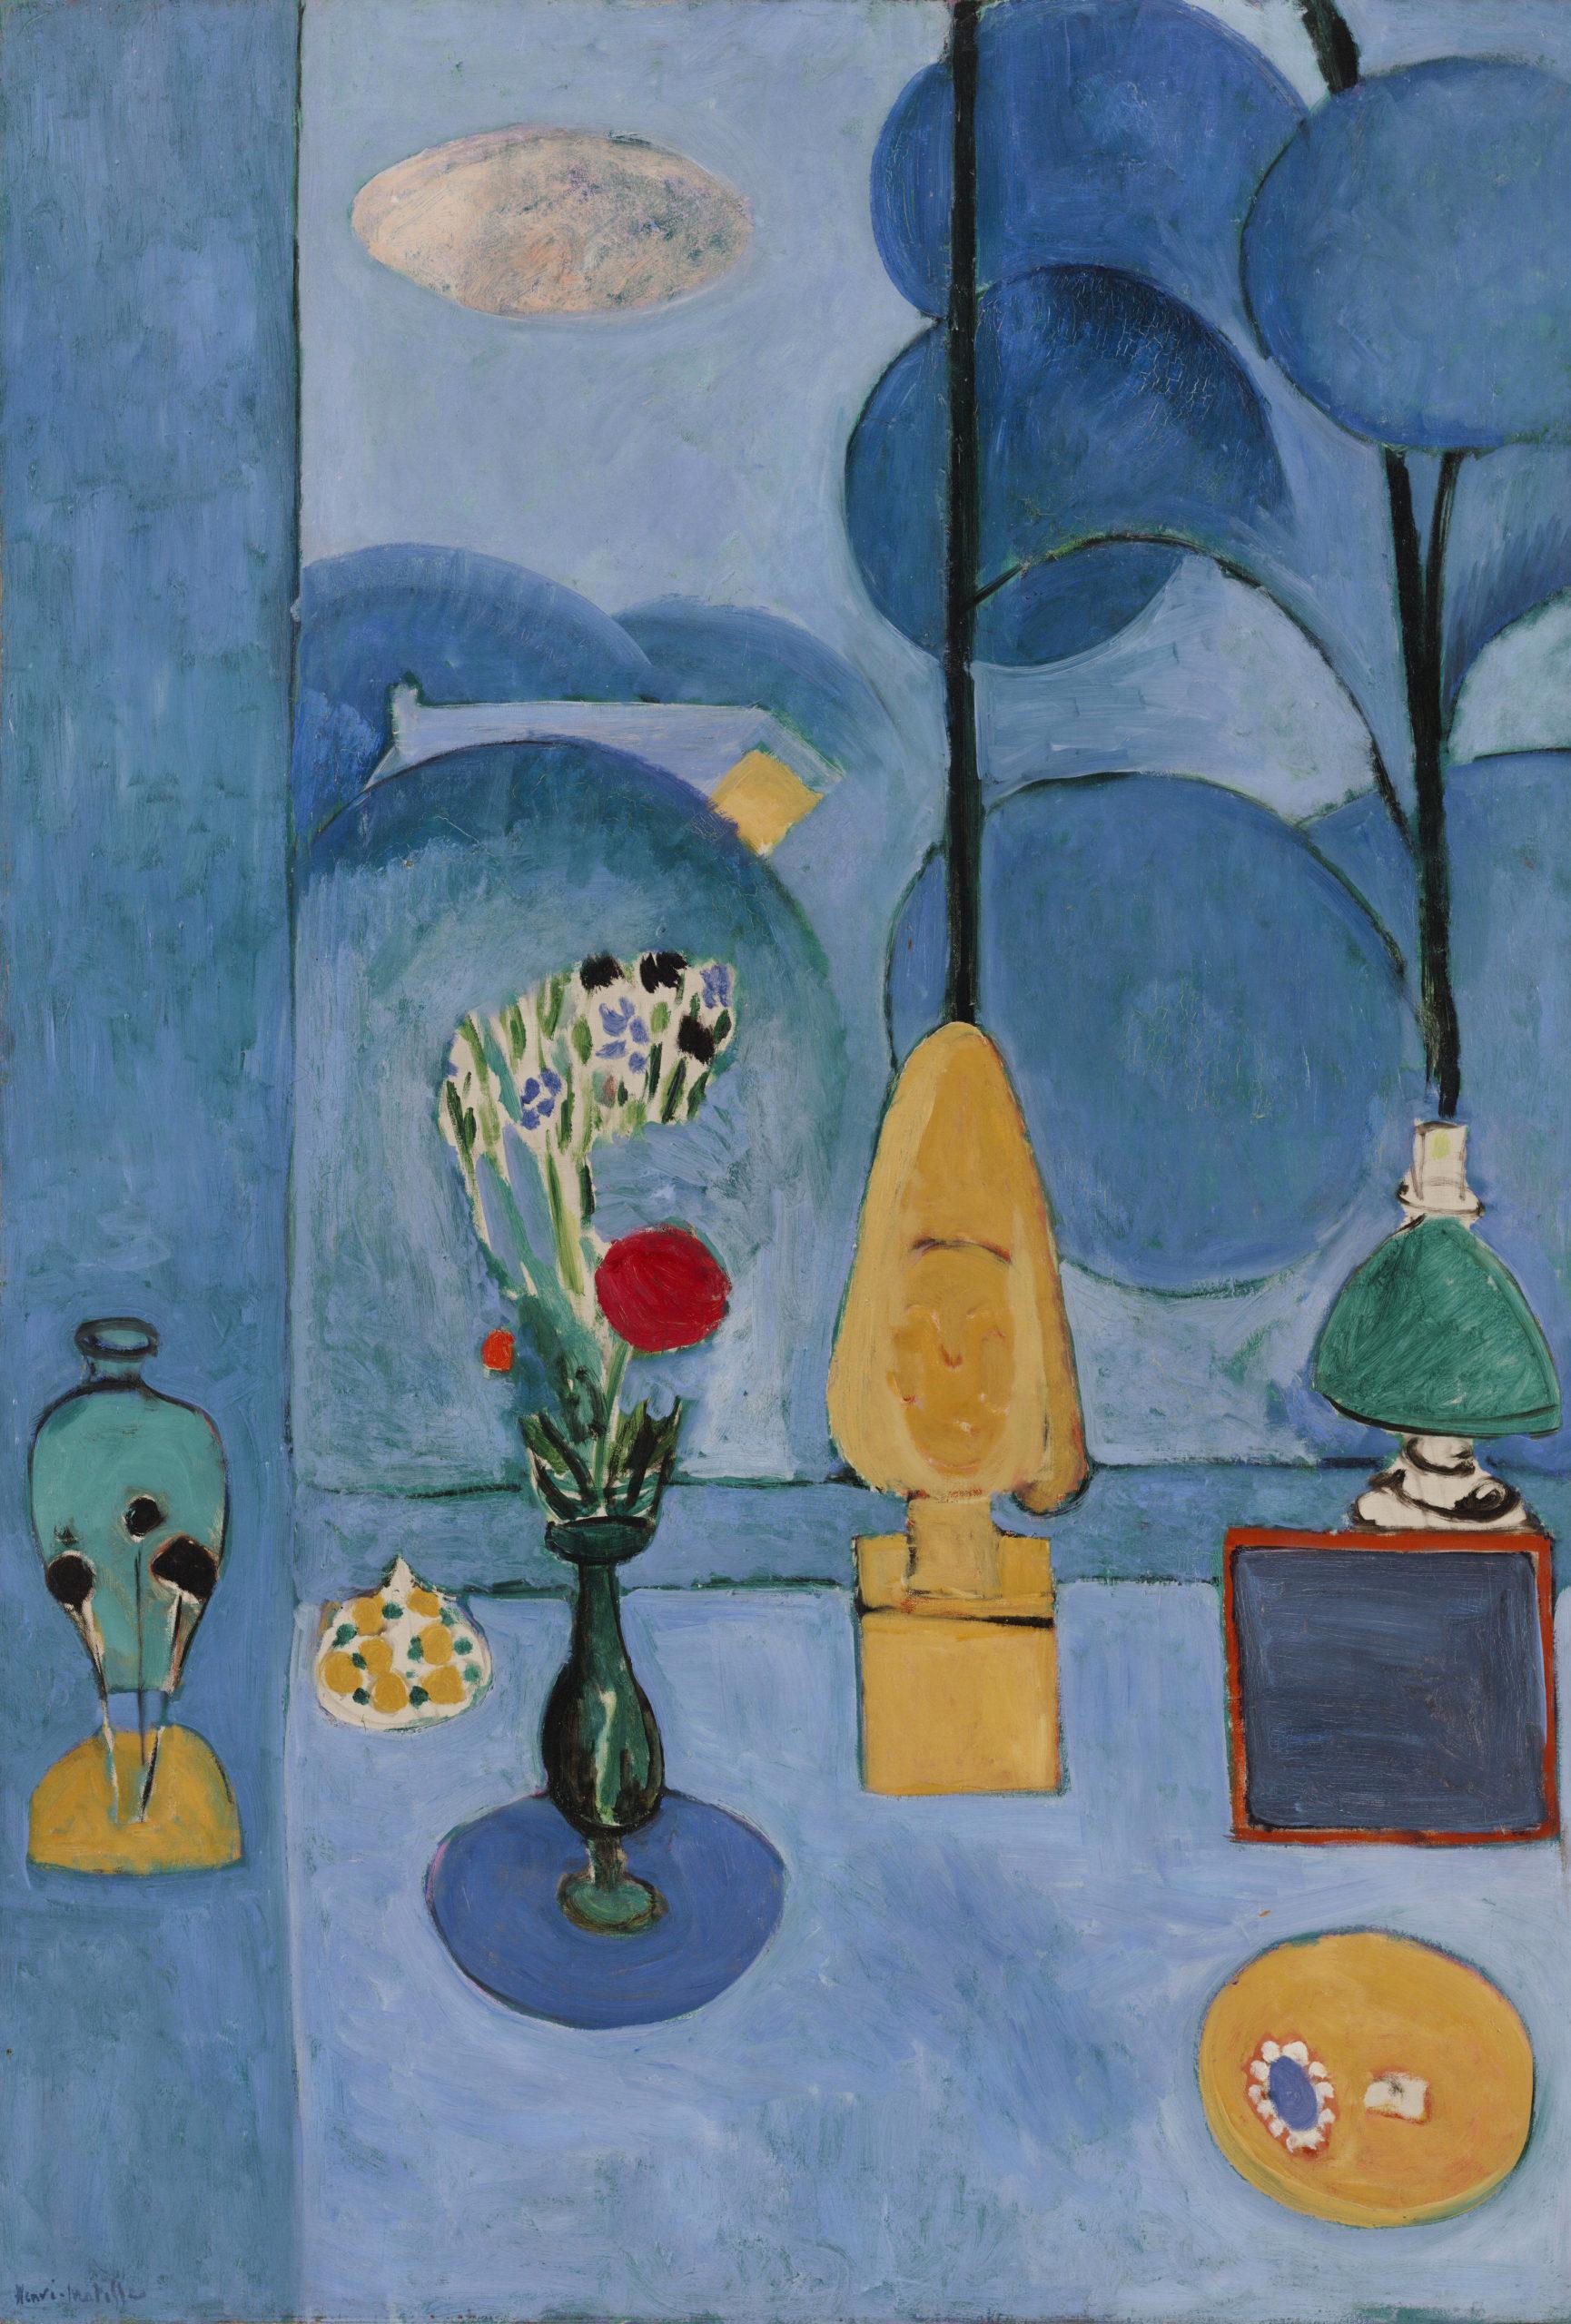 Henri Matisse, 1913, <em>La glace sans tain (The Blue Window)</em>, oil on canvas, 130.8 x 90.5 cm, Museum of Modern Art